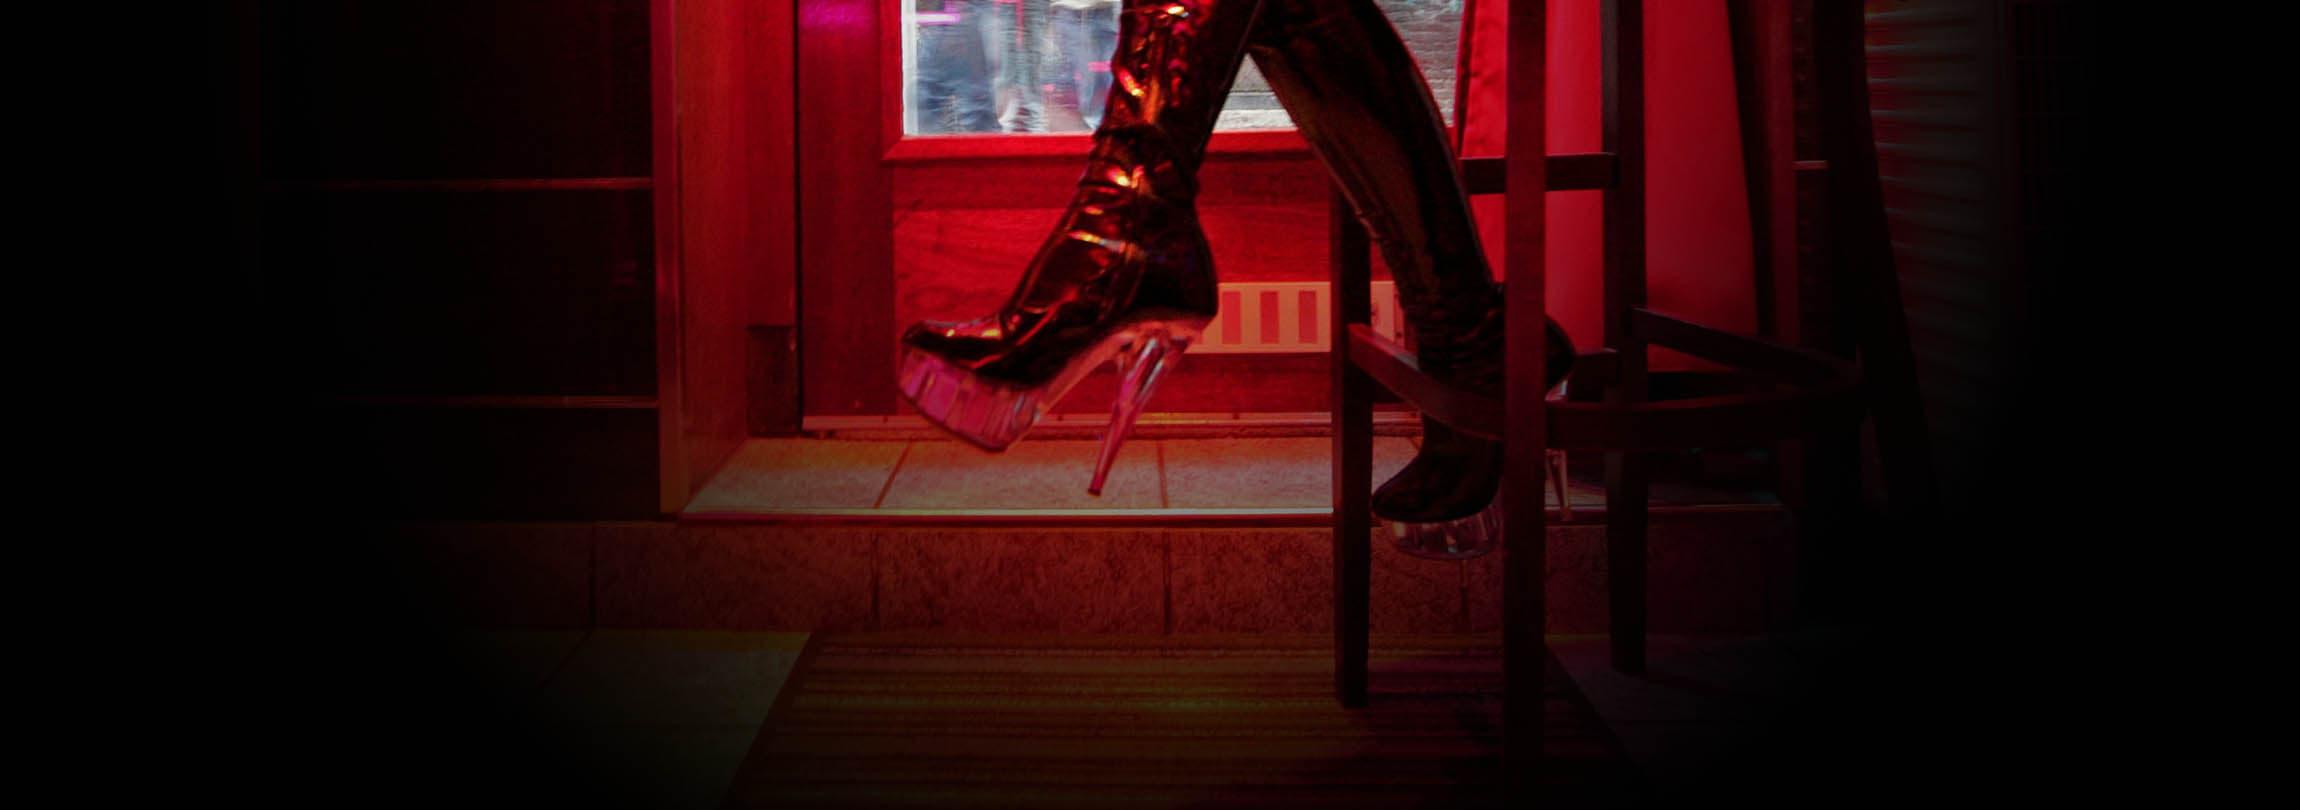 """O fracasso da """"prostituição legal"""" na Holanda"""